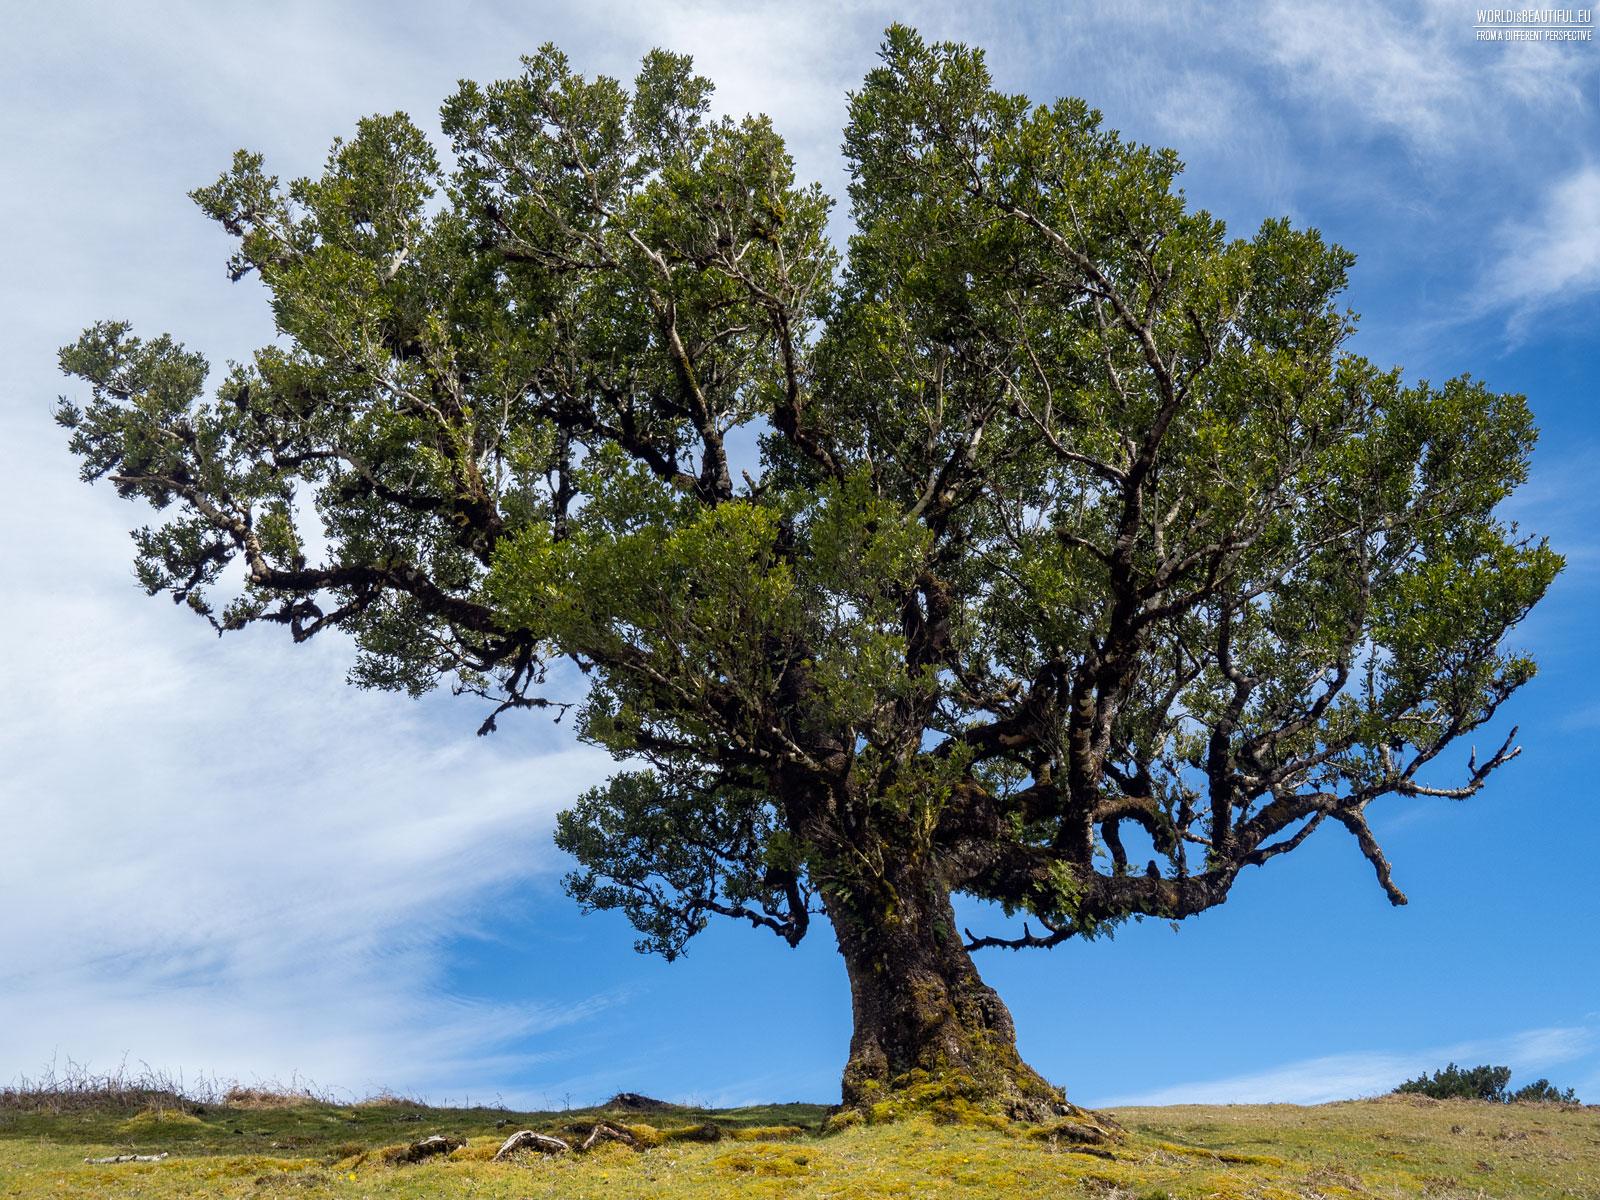 Zdjęcia drzew